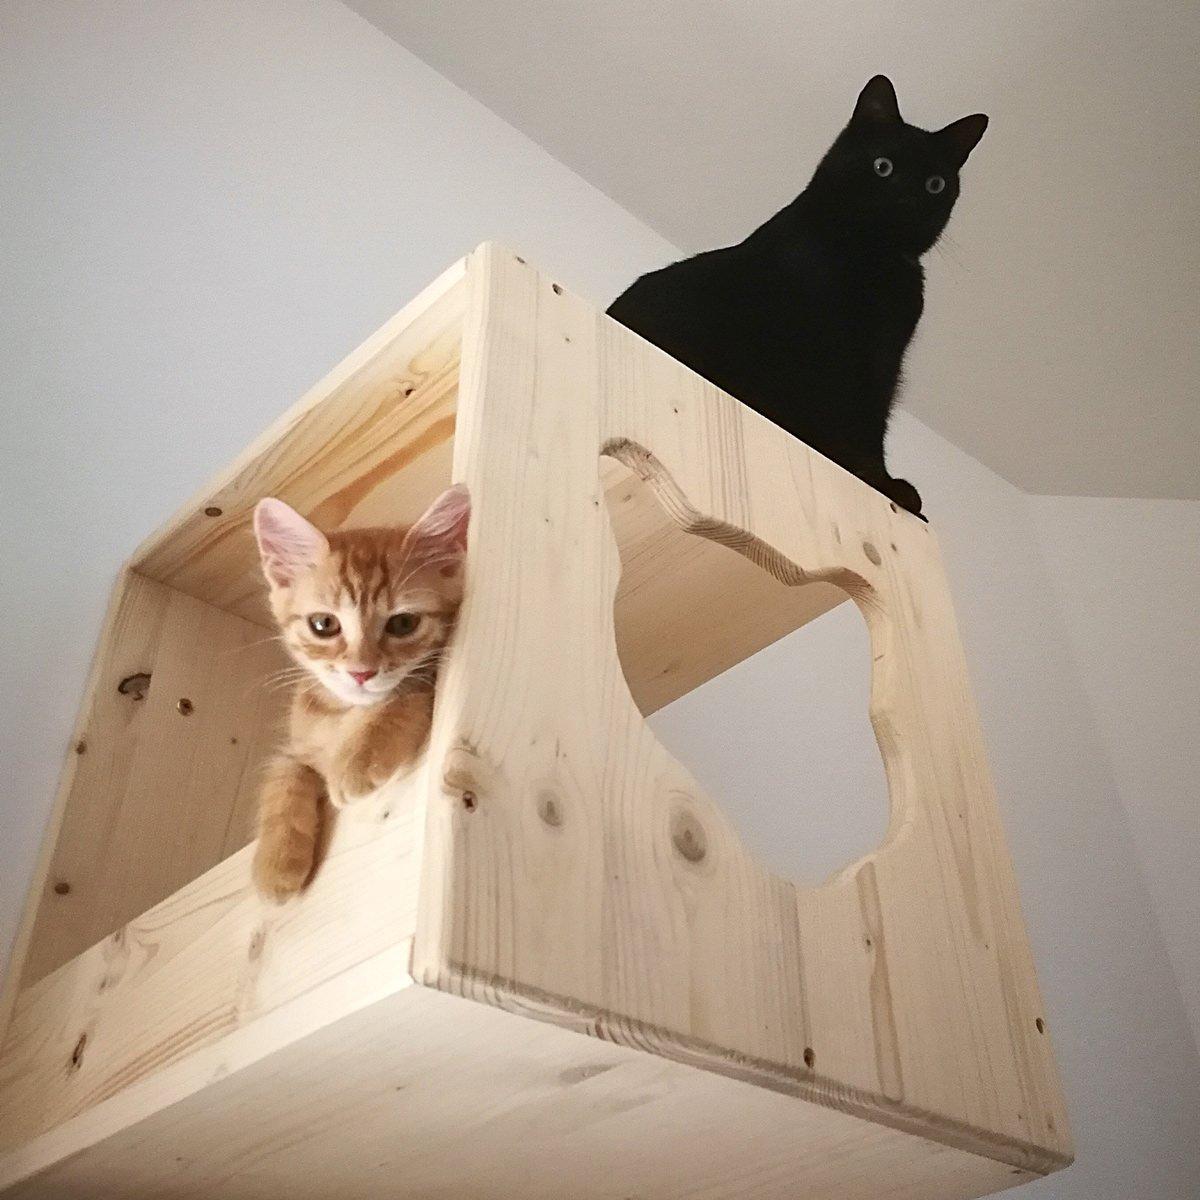 Costruire Cuccia Per Gatti percorsi per gatti - home